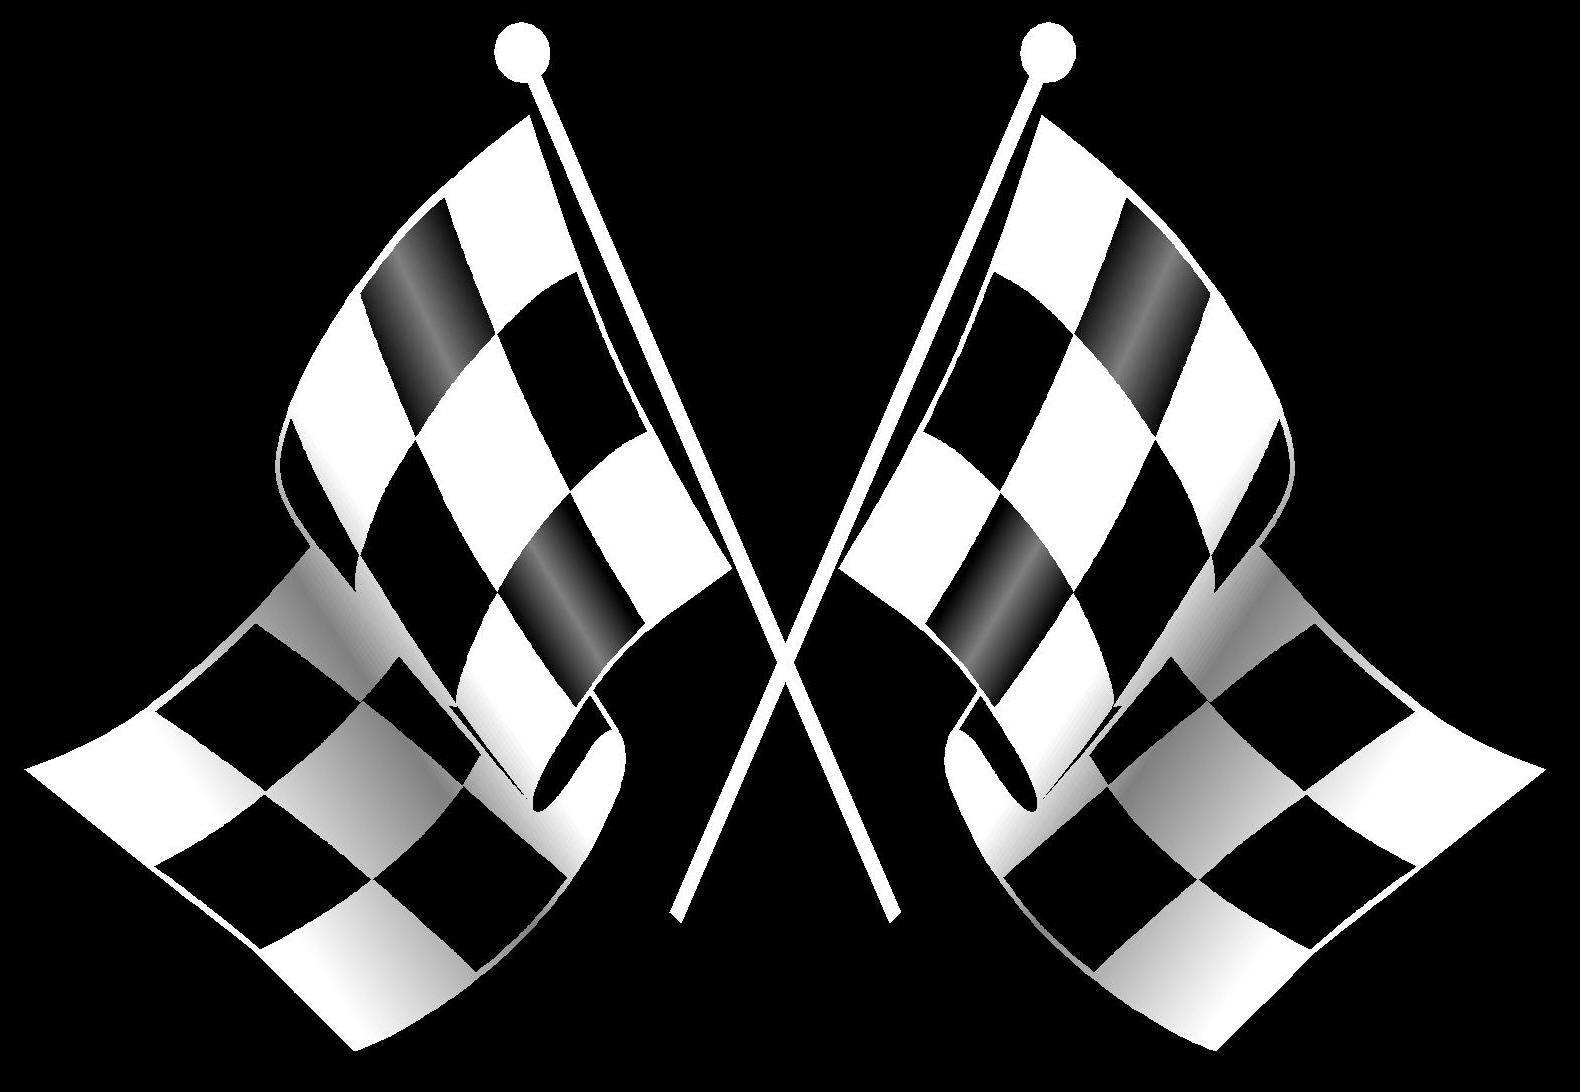 checkered flag 1580x1092